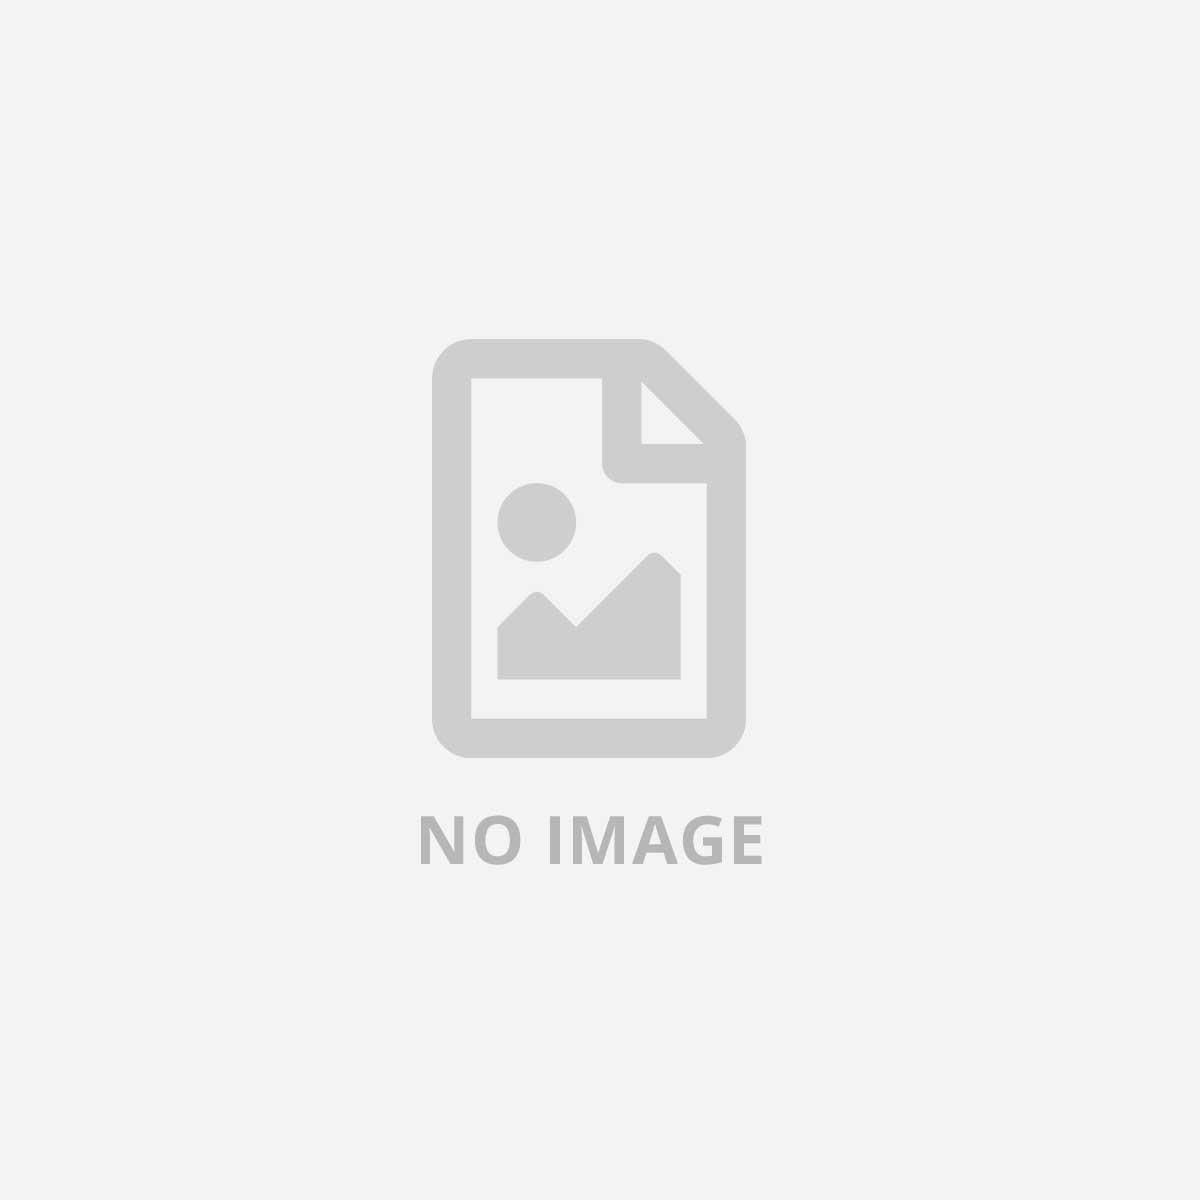 HP ZBOOK 15 G6 I9 9880H RTX3000 32/512